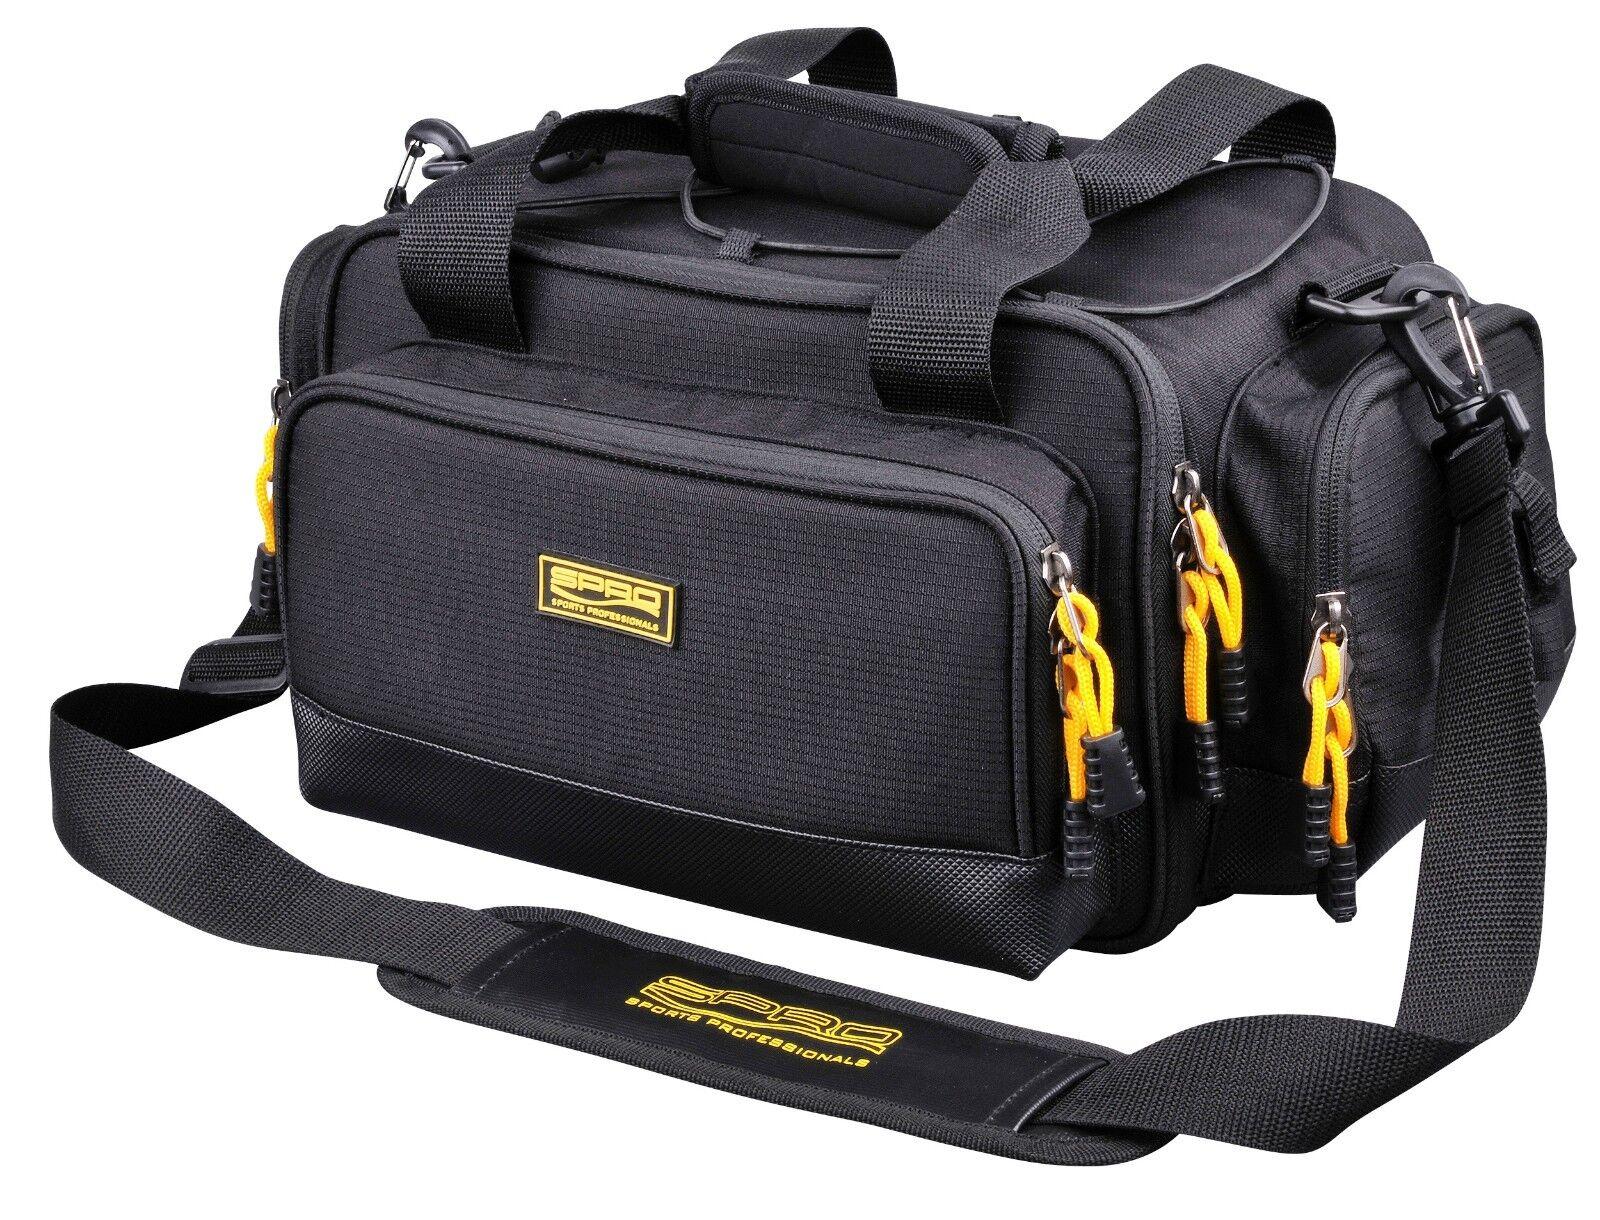 SPRO Tackle Bolsa de hombro tipo 3  nuevos Señuelos de pesca Cocheryall con cajas de señuelos  el mejor servicio post-venta